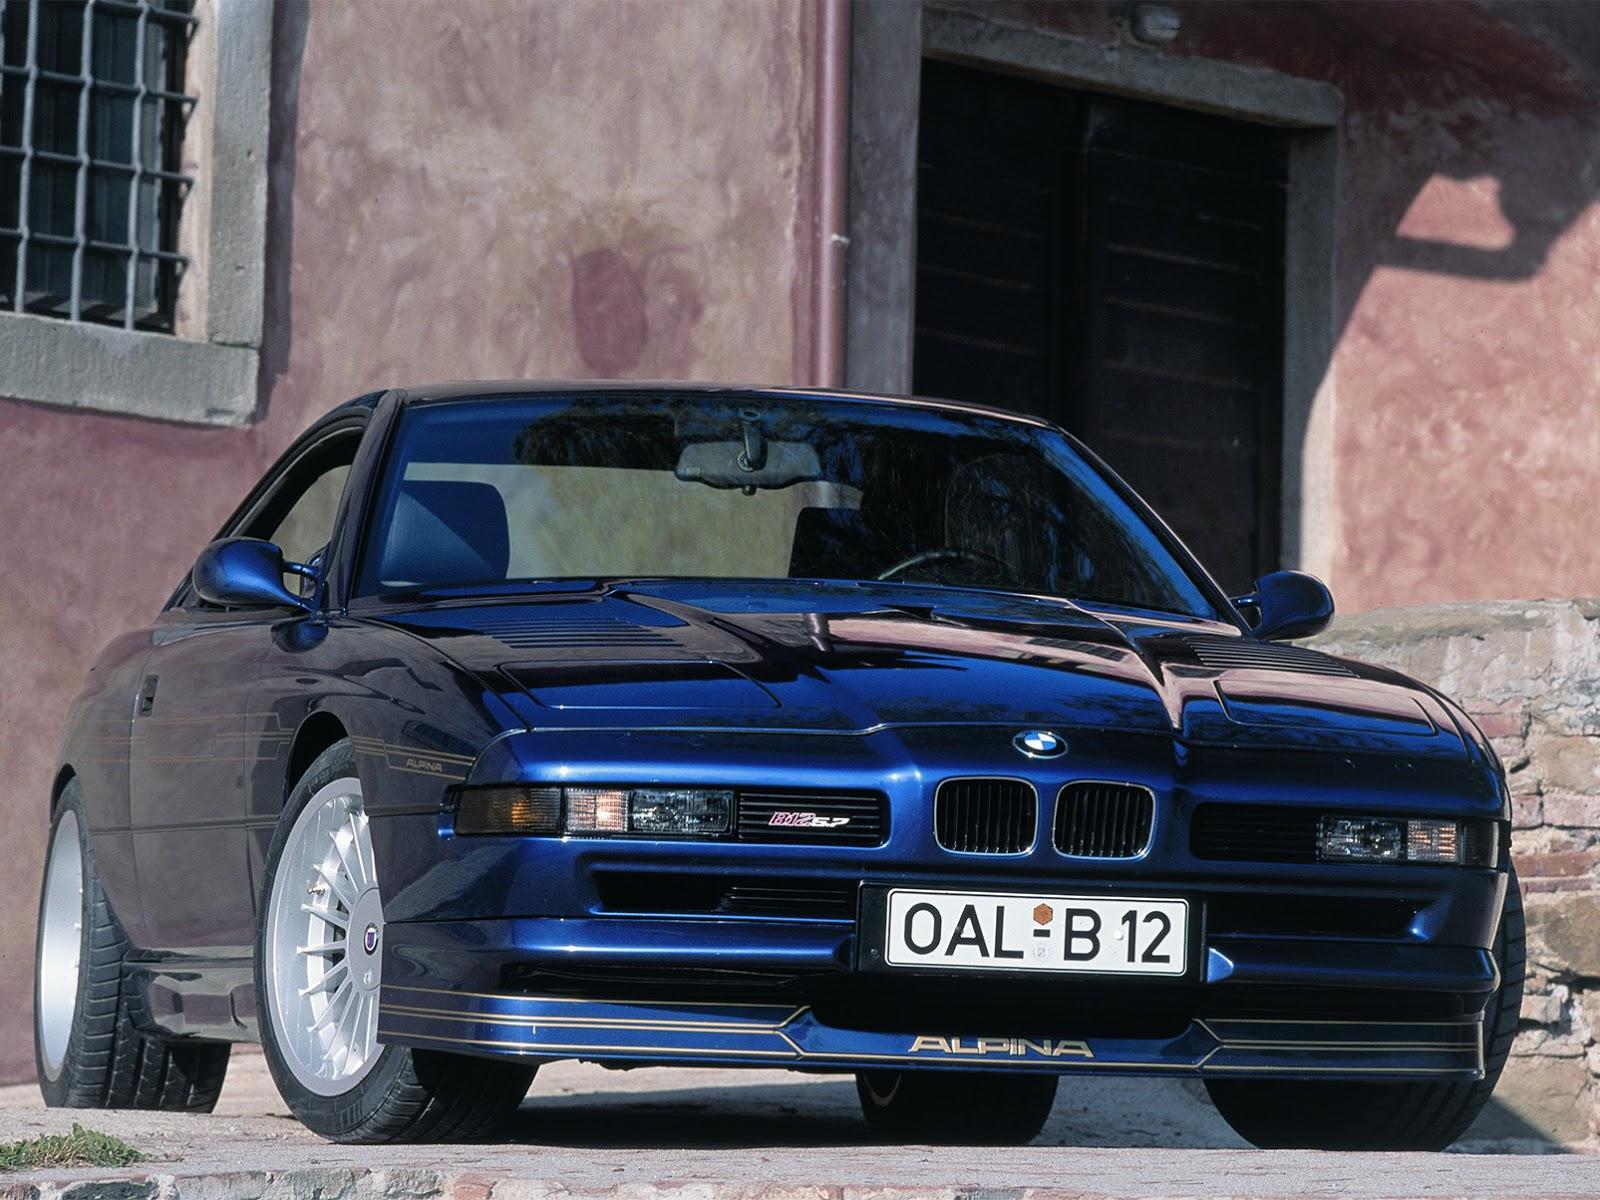 Nici nu stii ce sa alegi mai intai. Acestea sunt cele mai tari versiuni ale legendarului BMW Seria 8 - Nici nu stii ce sa alegi mai intai. Acestea sunt cele mai tari versiuni ale legendarului BMW Seria 8